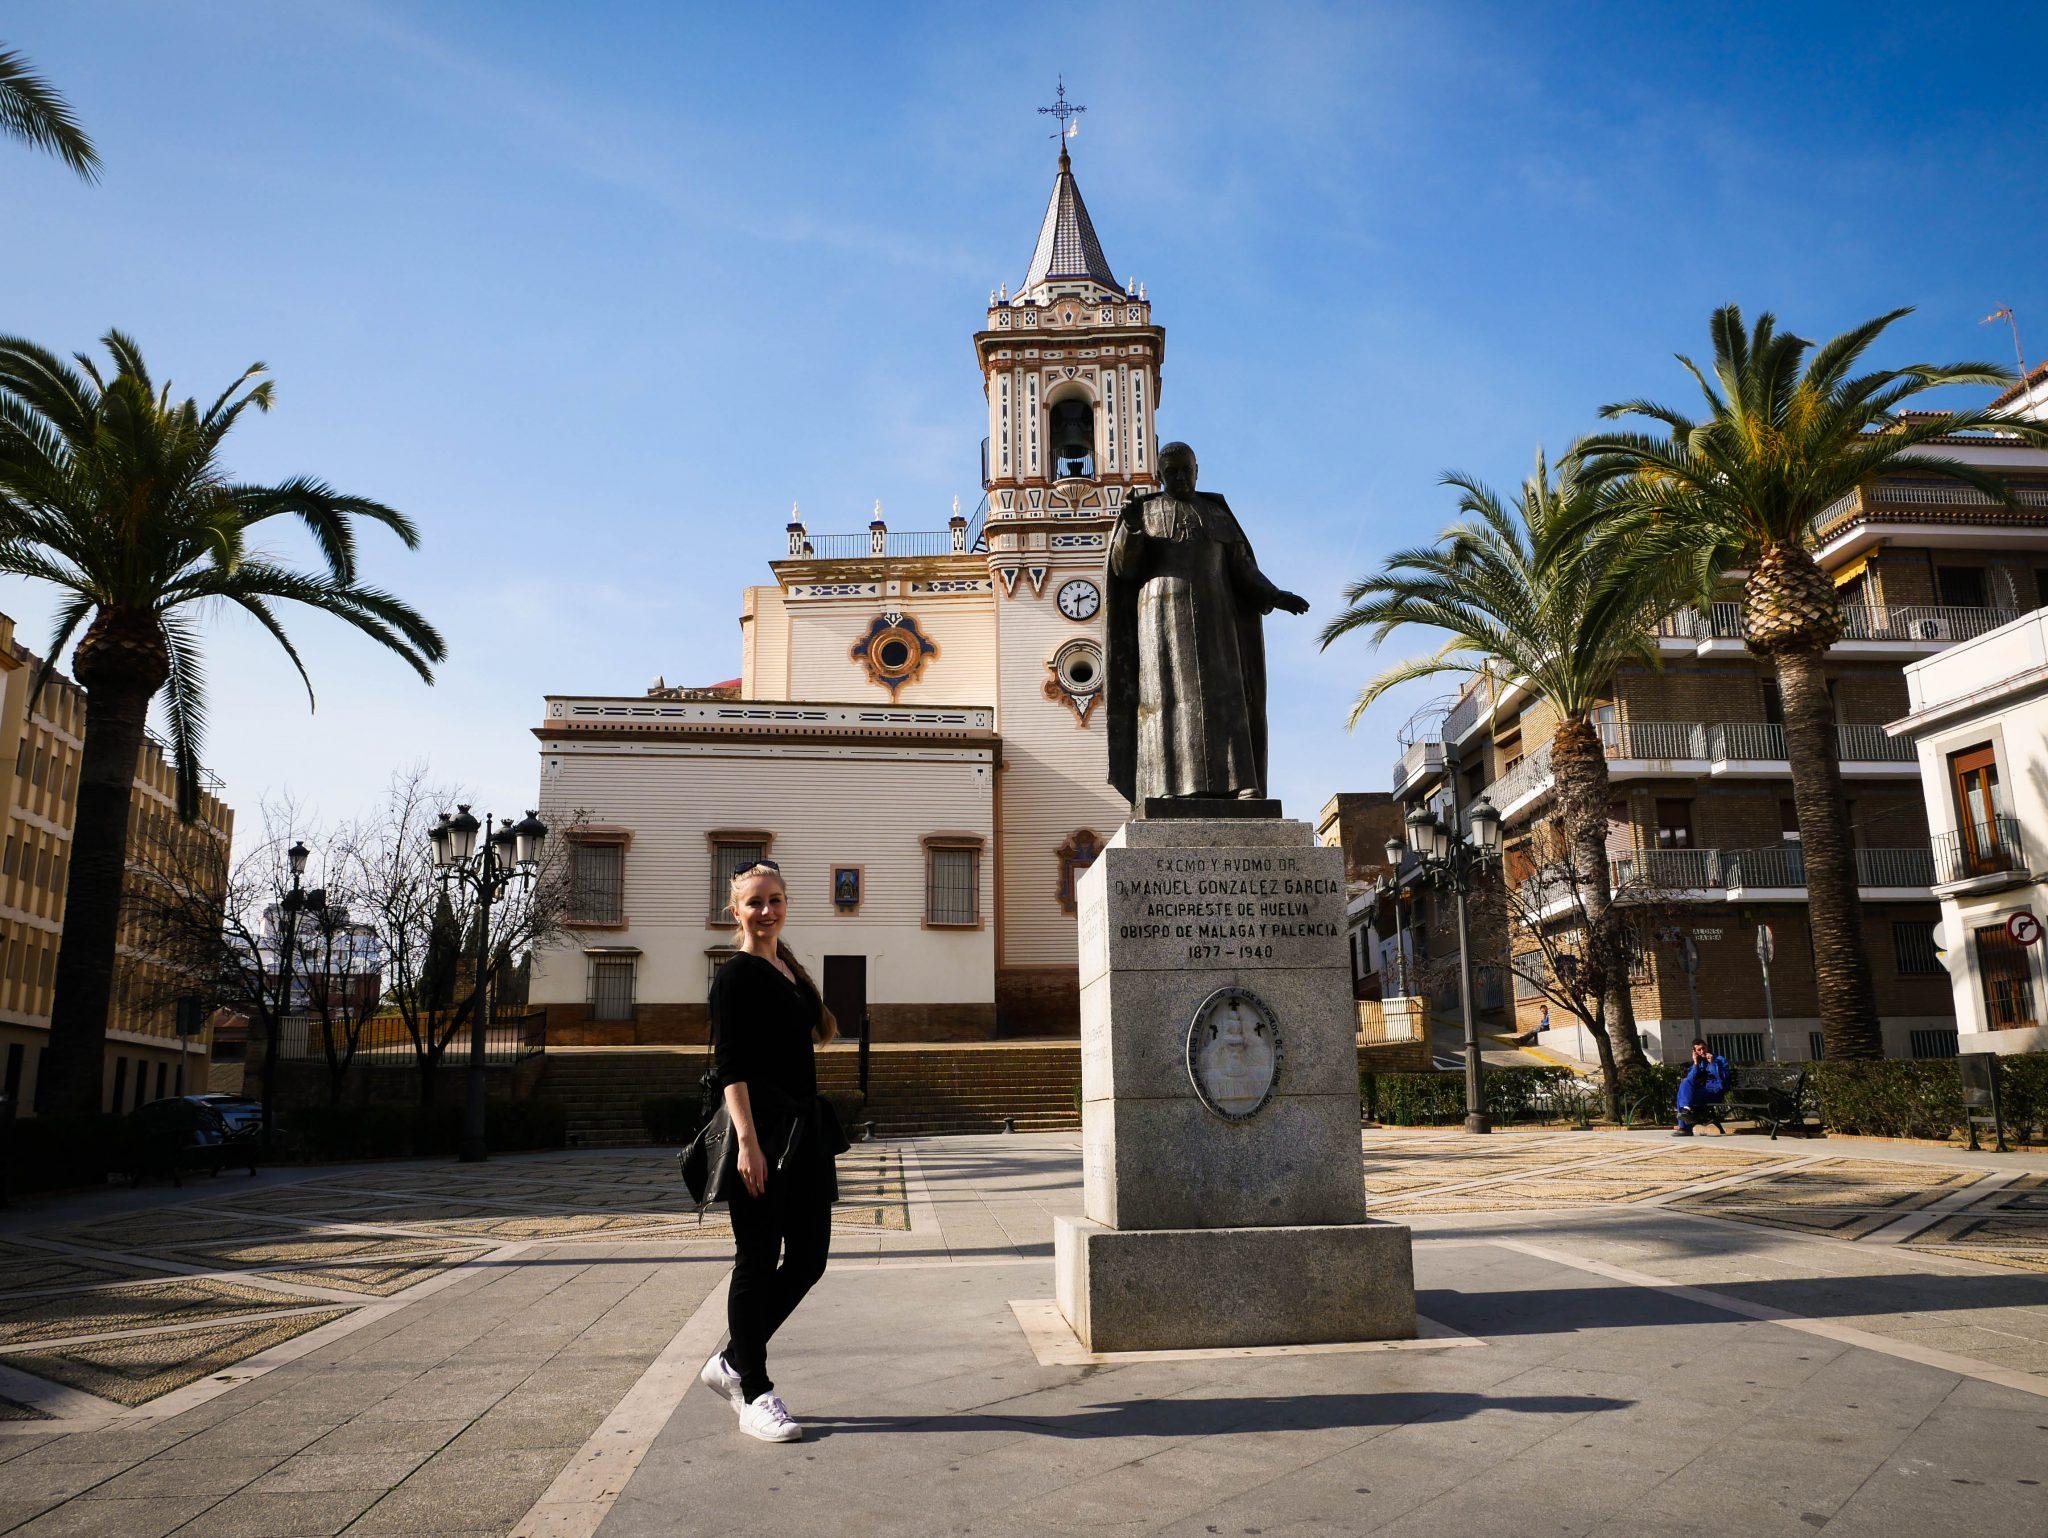 Huelva, Iglesia De San Pedro: Diese Kirche ist die älteste Kirche der Stadt!